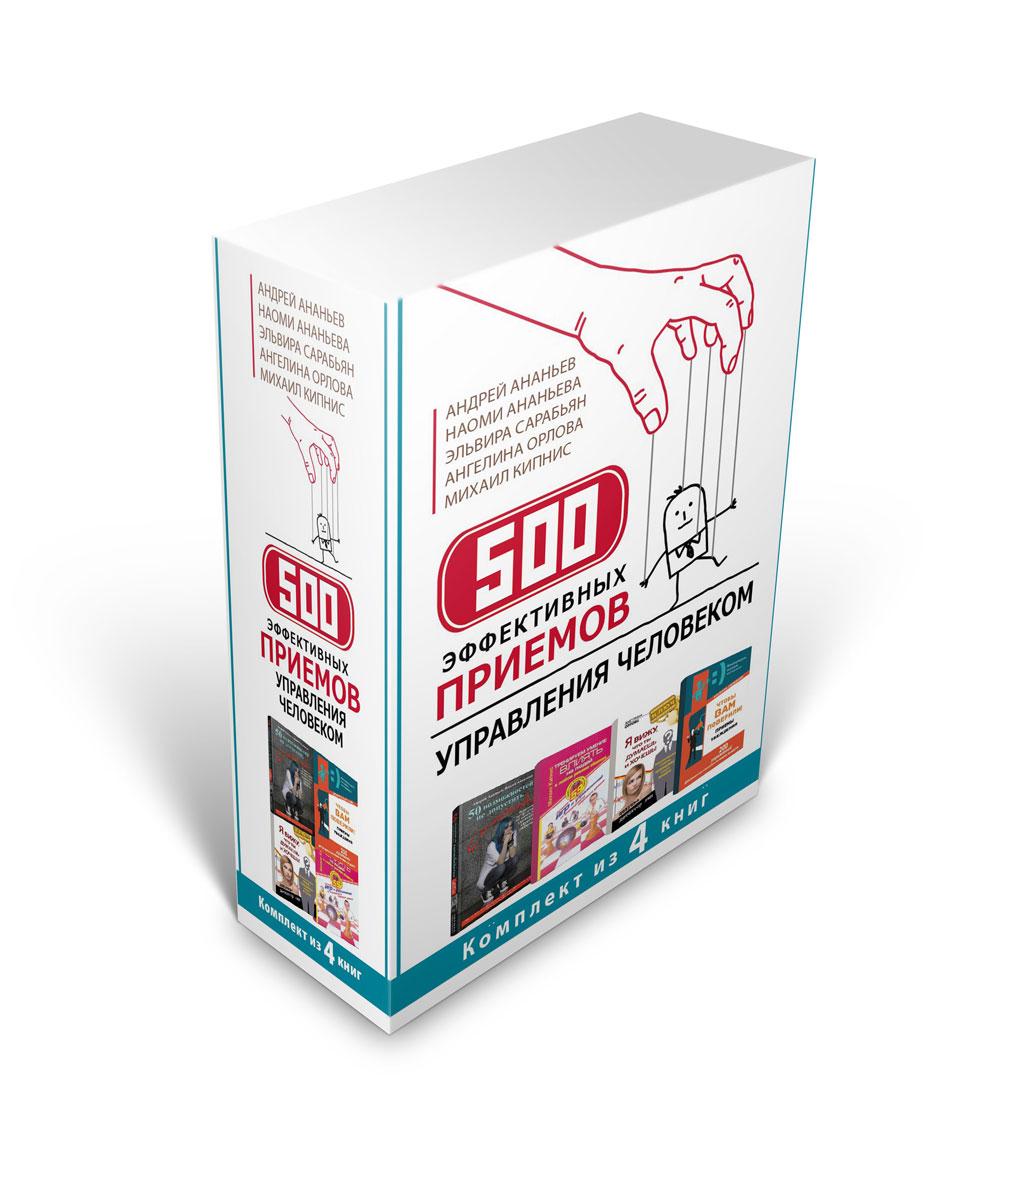 500 эффективных приемовуправления человеком (комплект из 4 книг)